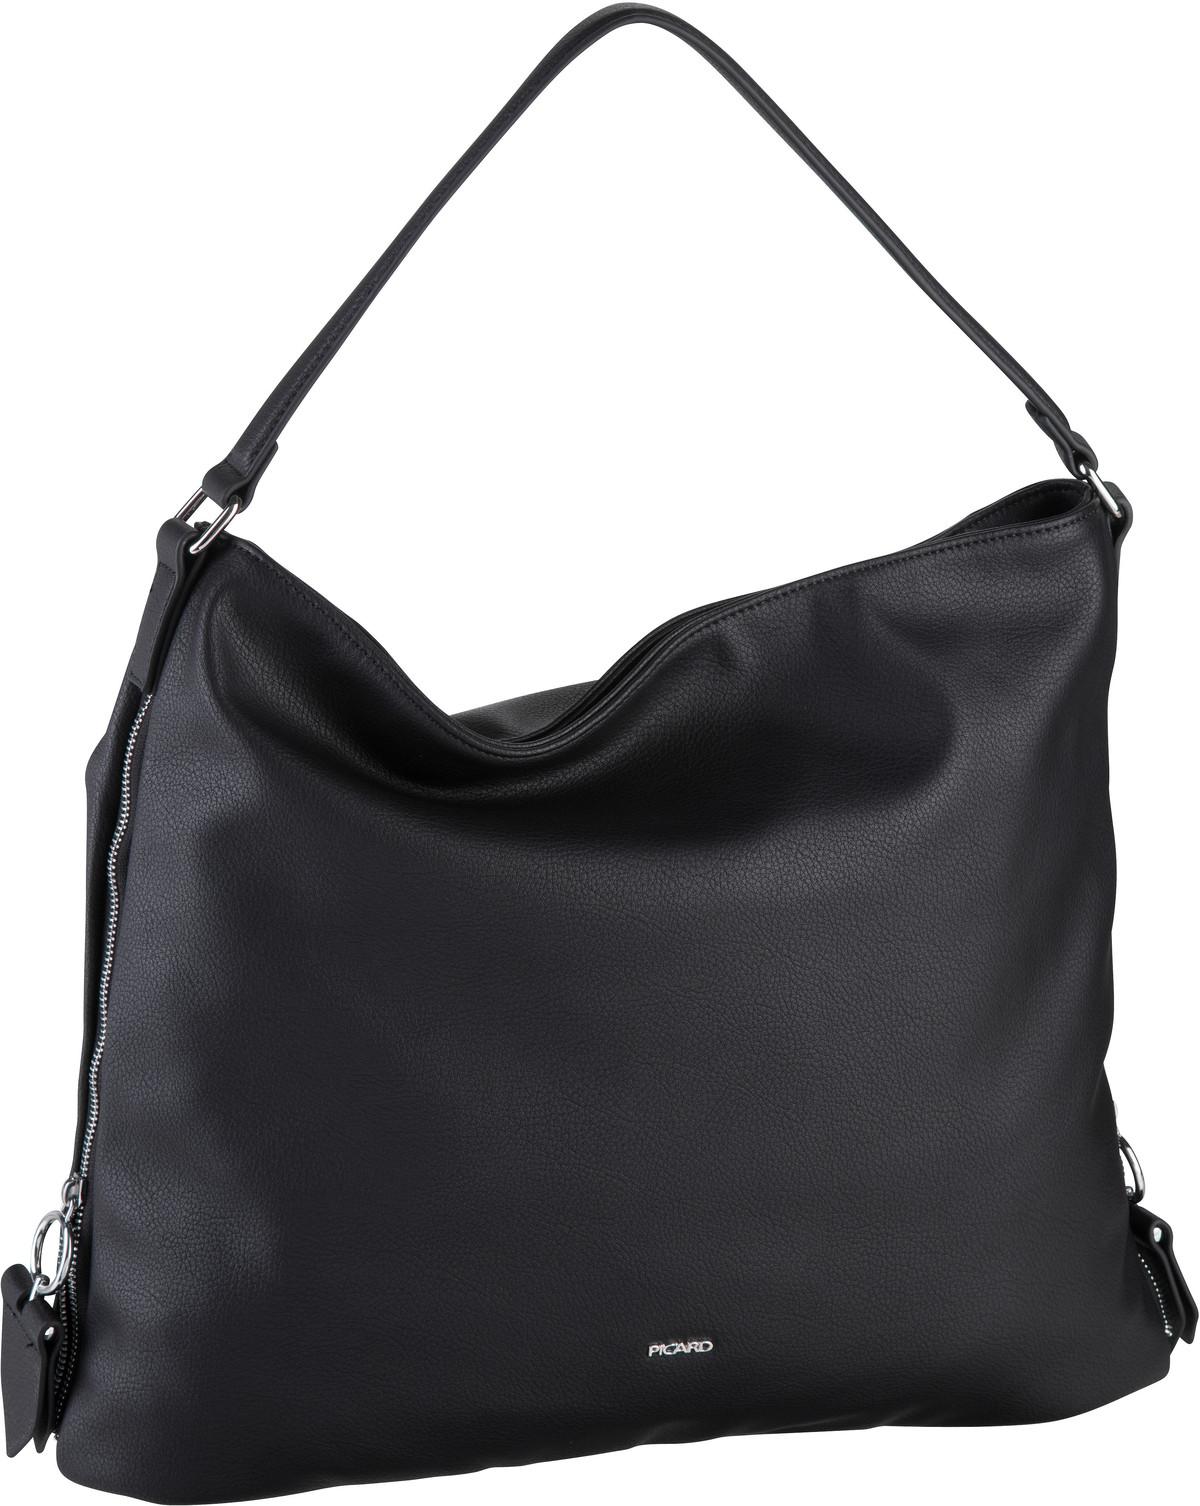 Handtasche Senses 2746 Schwarz/Kombi